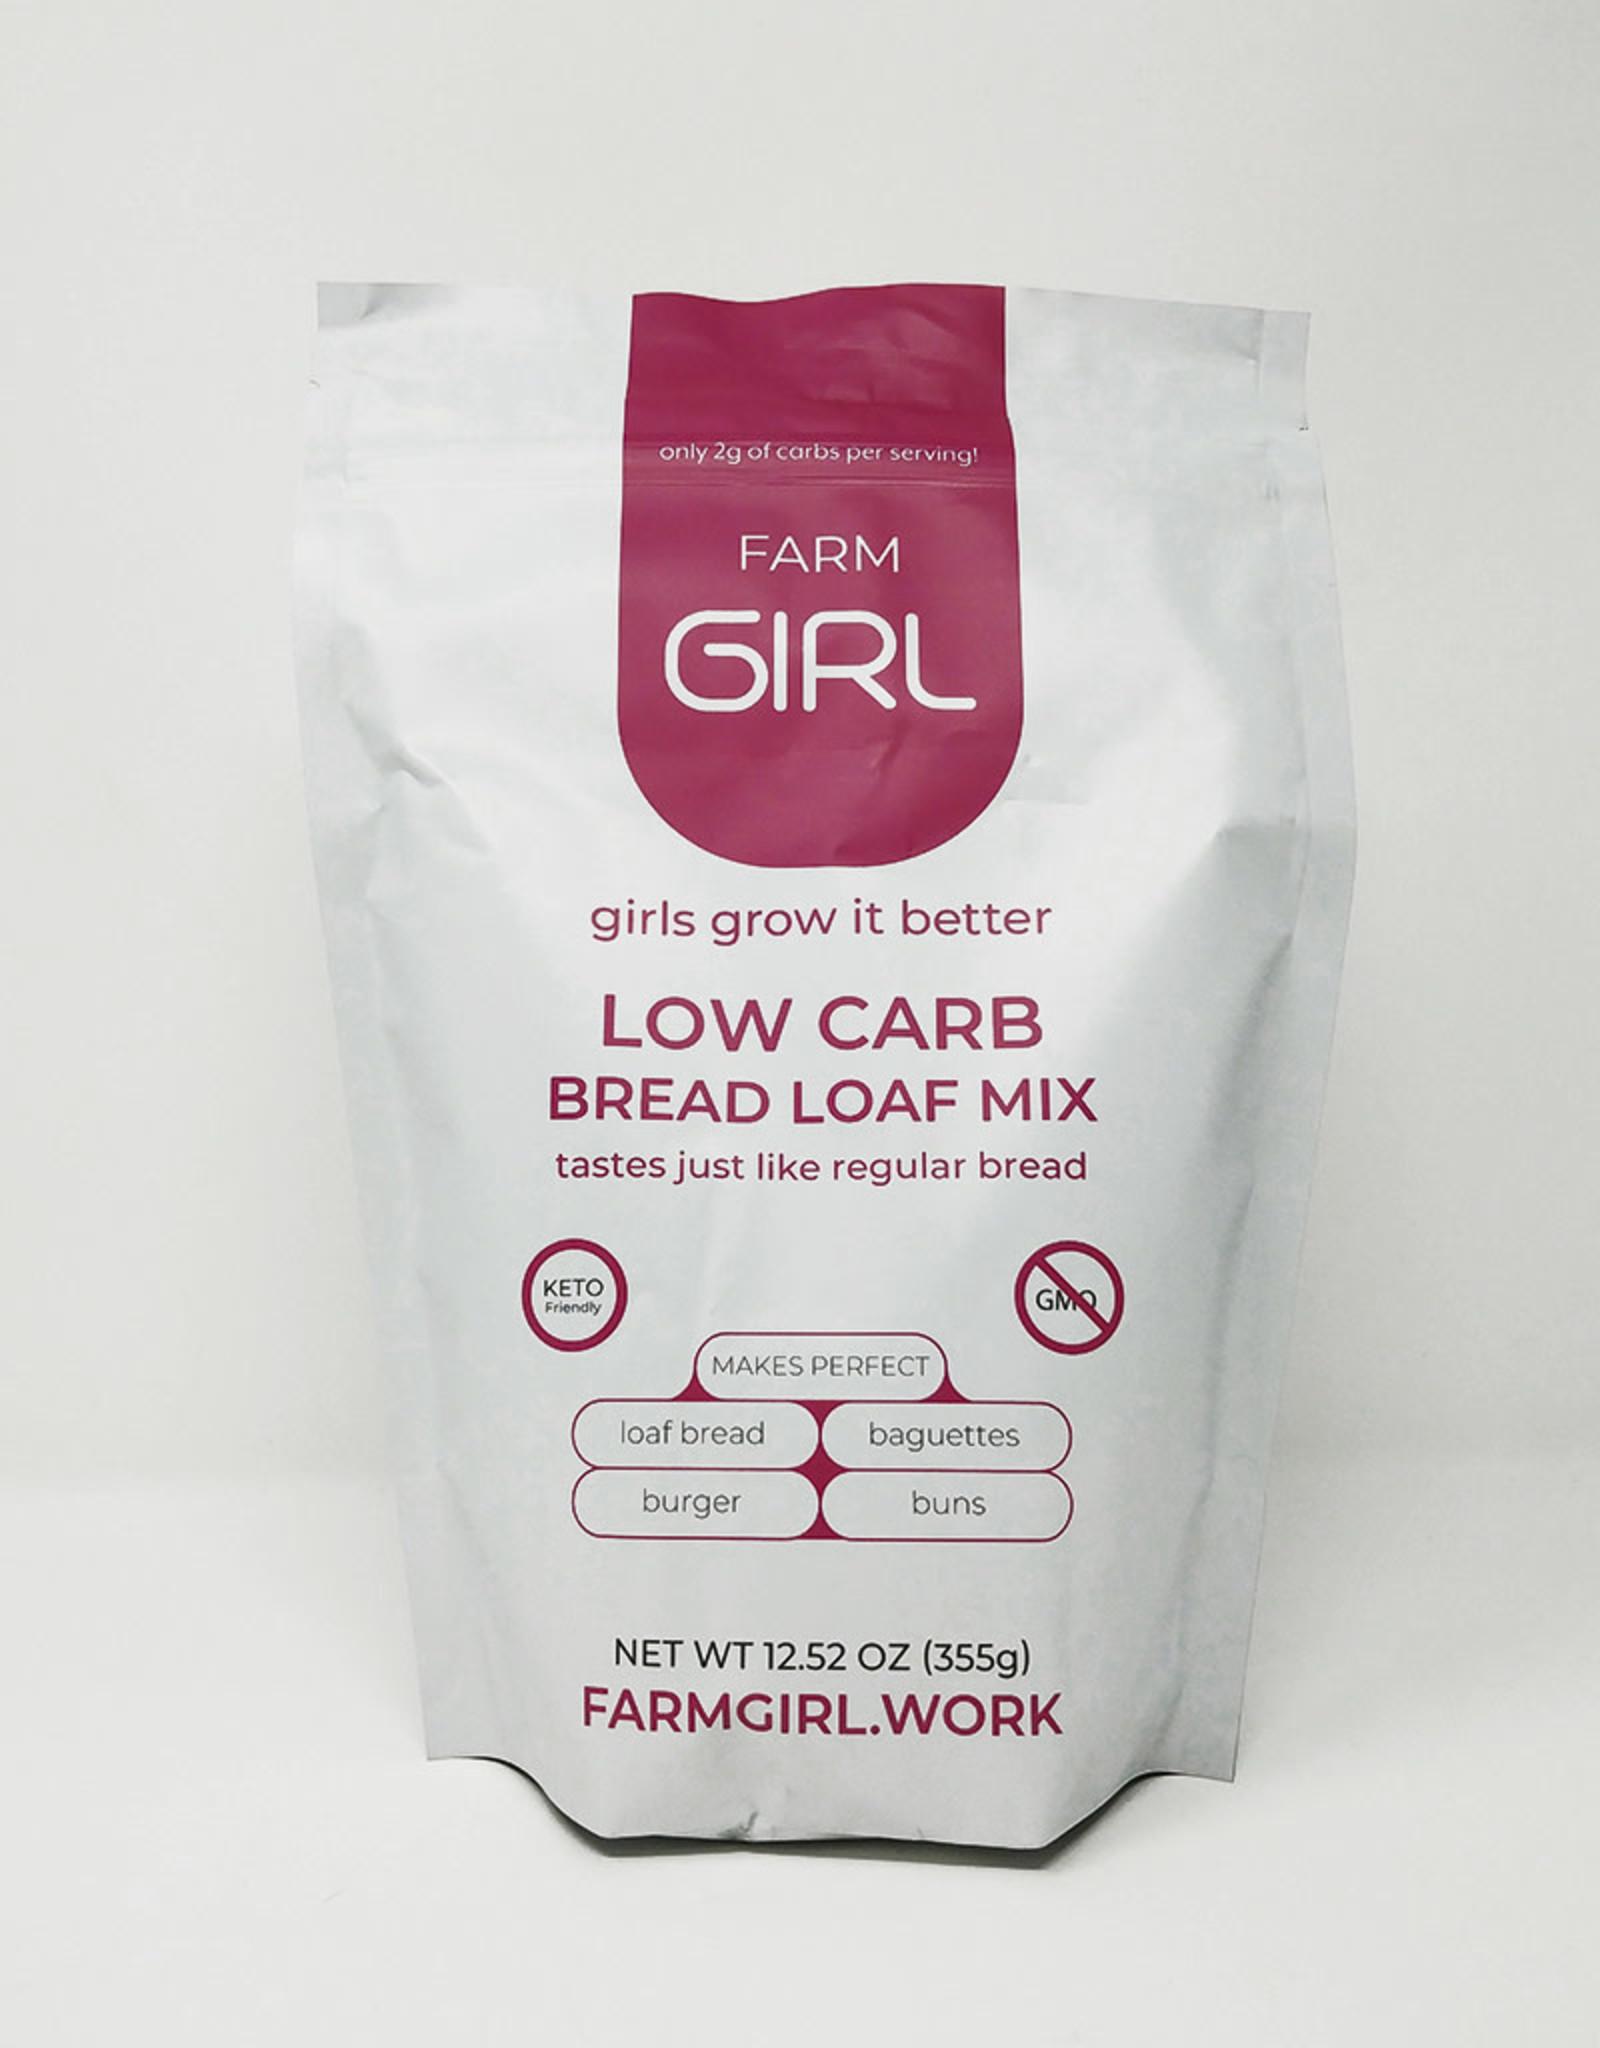 Farm Girl Farm Girl - Low Carb Bread Loaf Mix (355g)